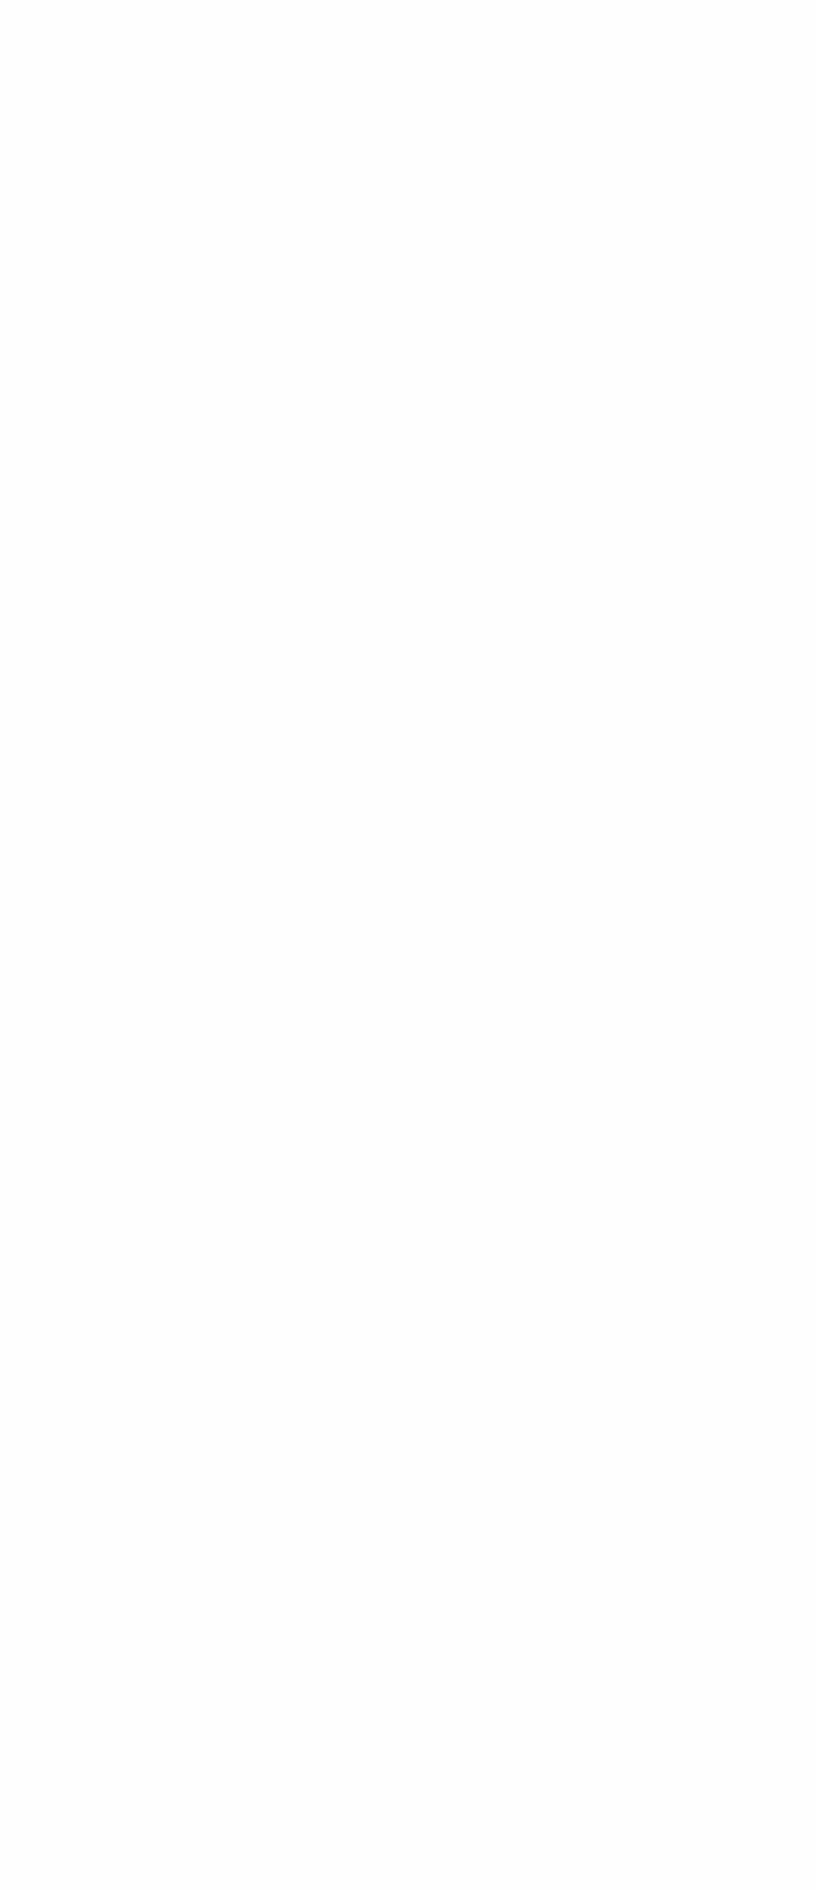 Федеральное государственное автономное образовательное учреждение высшего профессионального образования «Северный (Арктический) федеральный университет имени